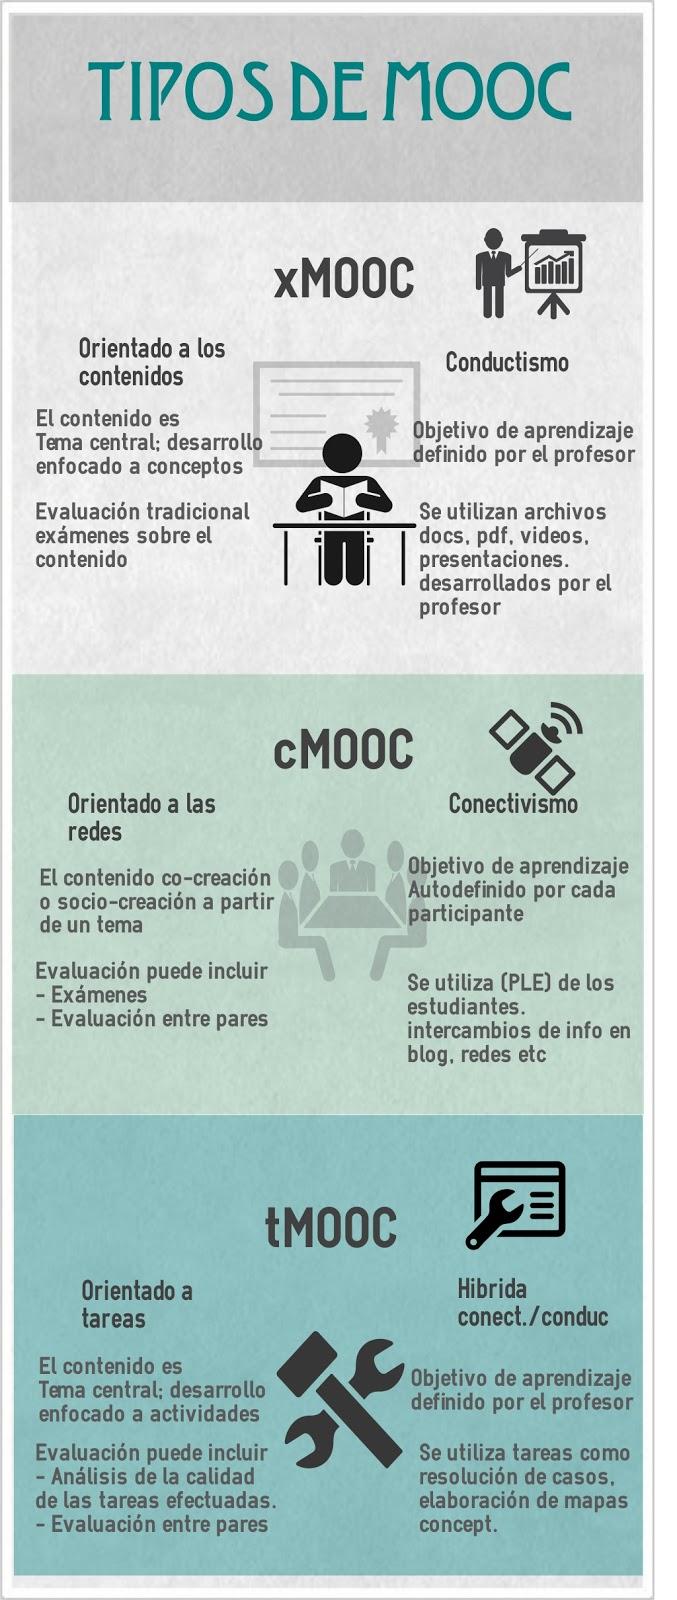 Infografía: comparación de tipos de MOOC según su funcionamiento